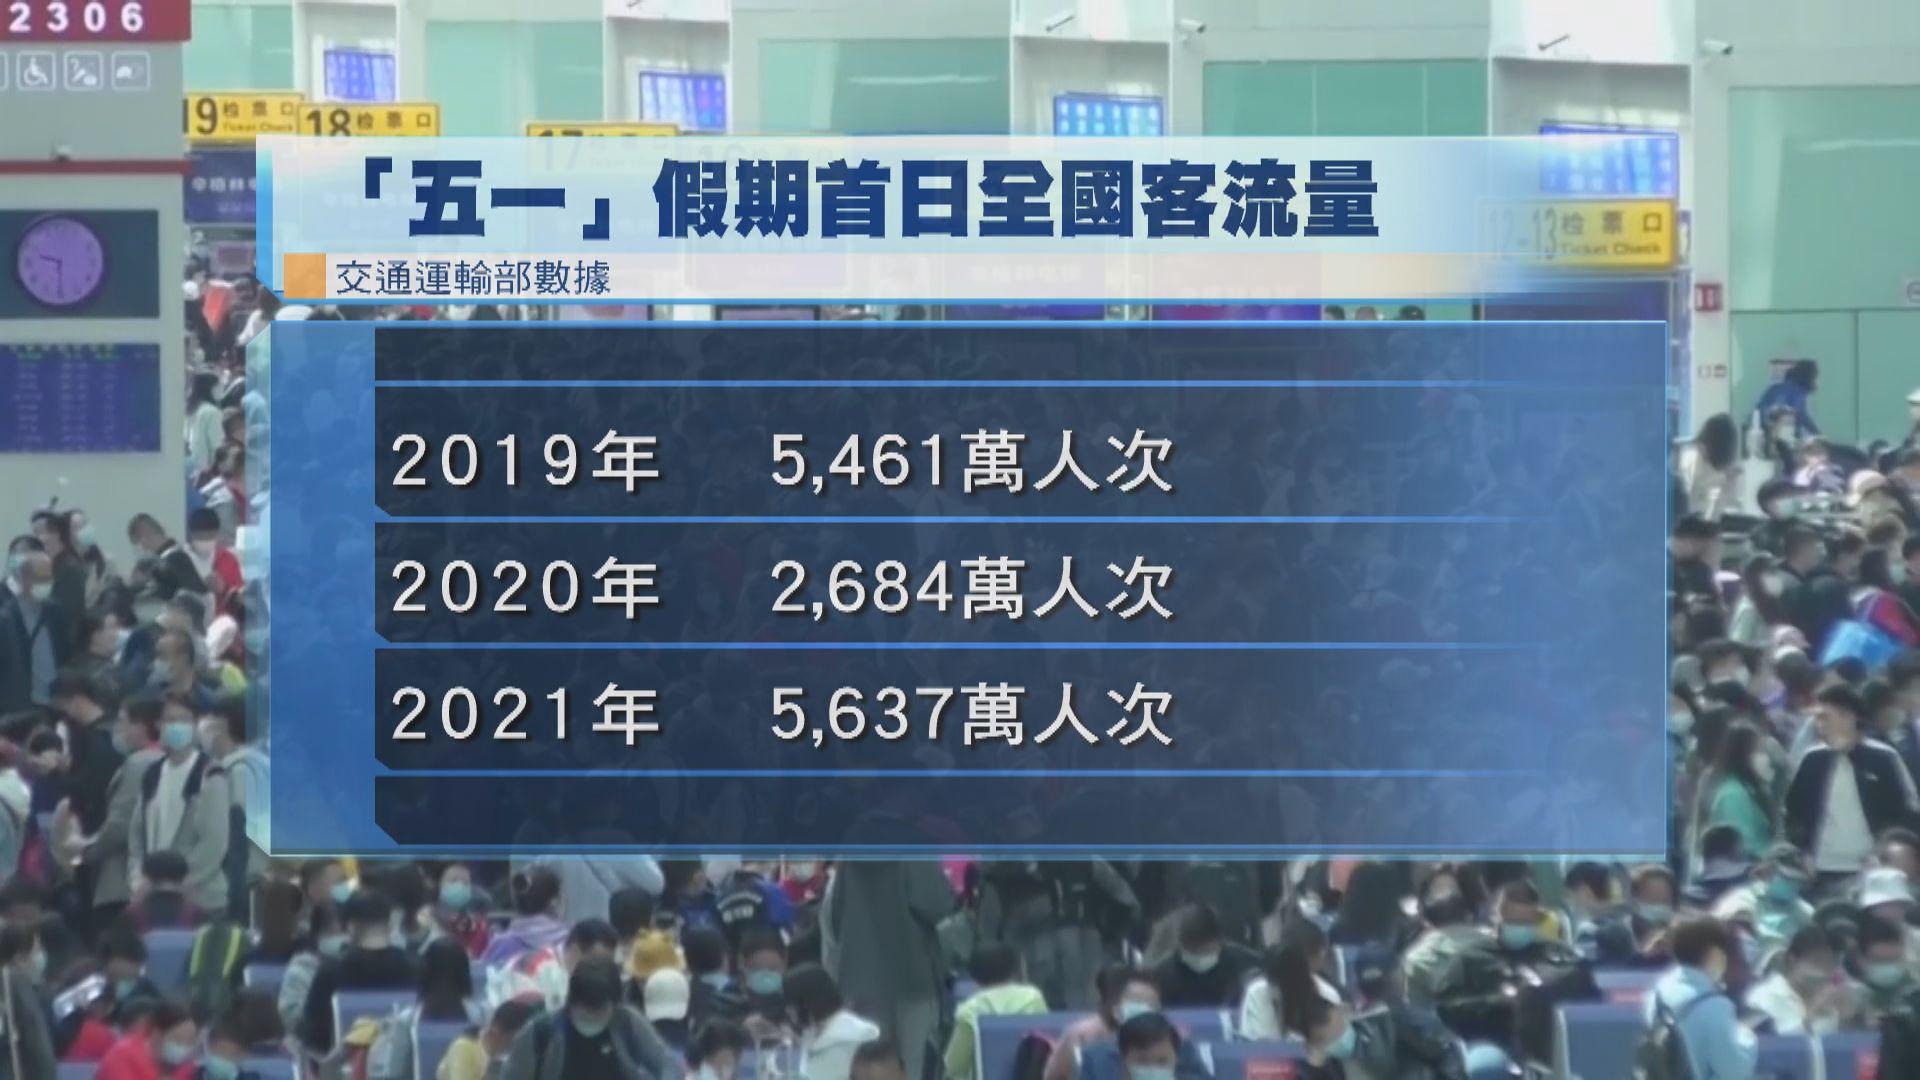 北京「五一」列車服務受阻 部分乘客通宵滯留